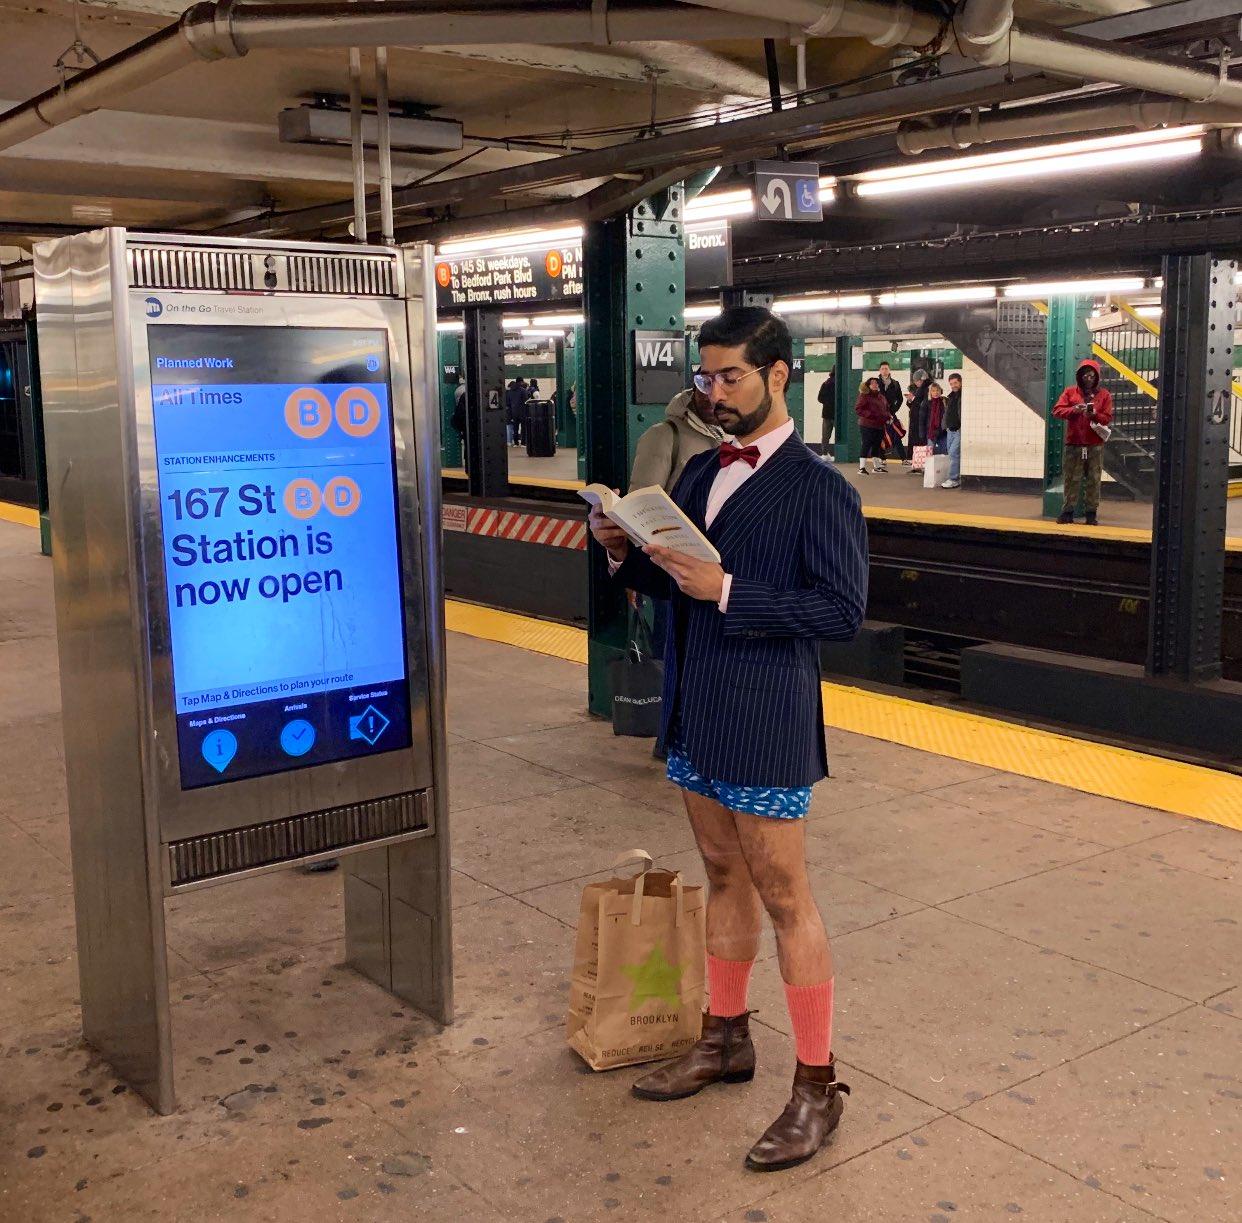 ニューヨークの地下鉄でみんなでノーパンツになる(ズボンを脱ぐ)イベント #NoPantsSubwayRideDay に参加中です! 2002年から開催されてて、今年も開催中!数百人規模の参加みたいです! 何より寒い!!!笑 Crazy No Pants Ride in New York City